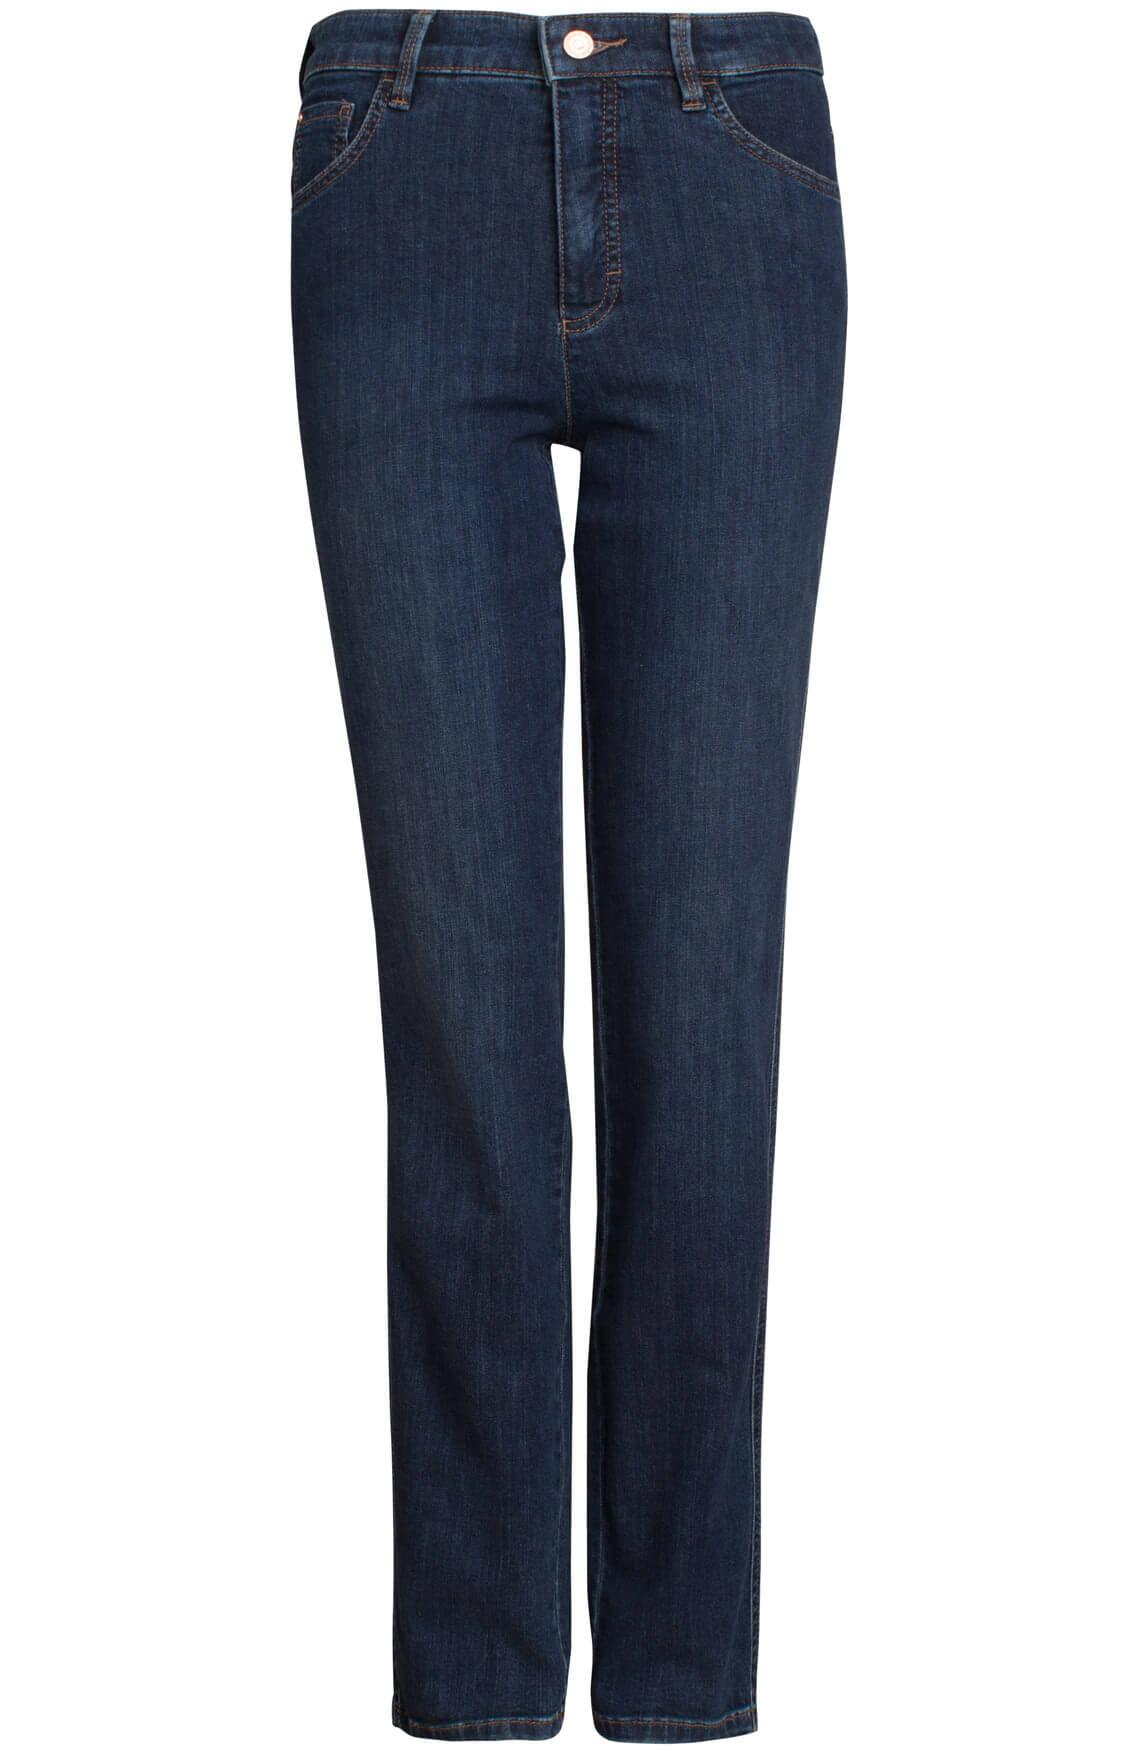 Rosner Dames Audrey jeans 0